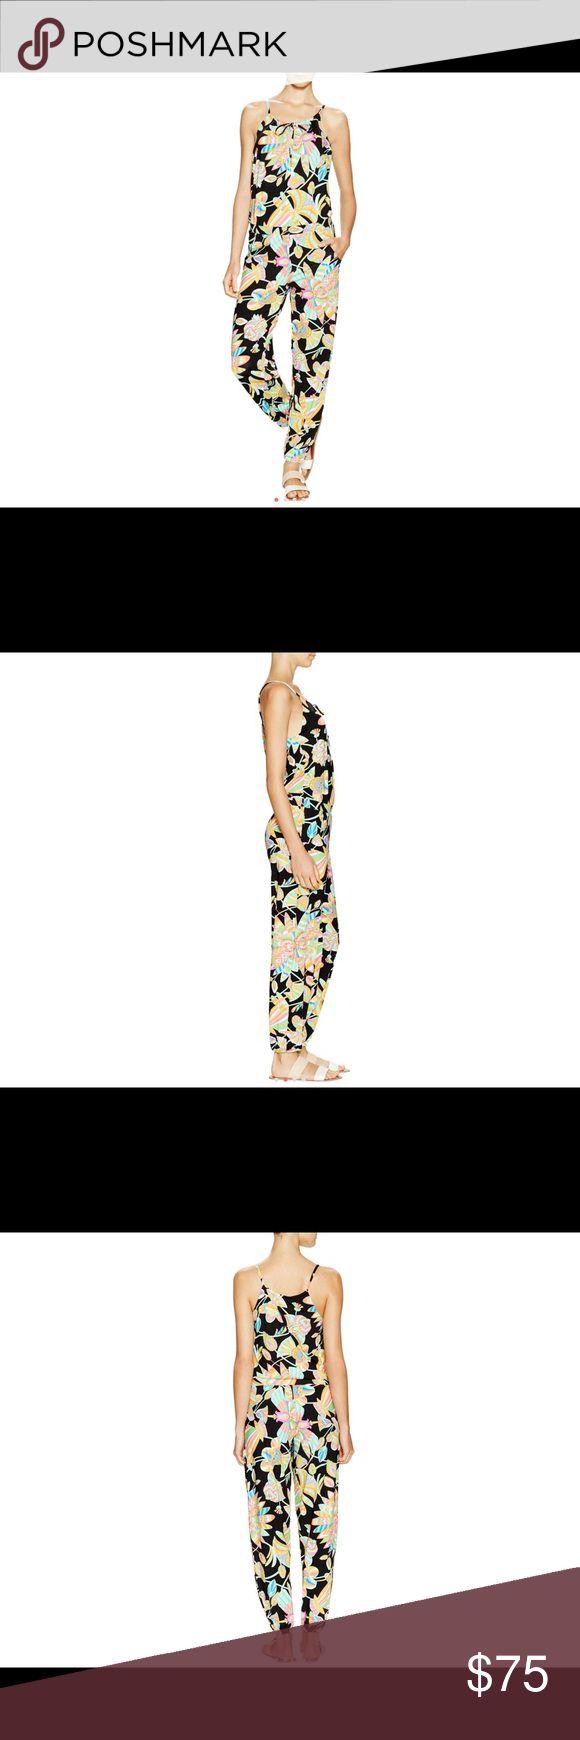 NWT Trina Turk Jumpsuit Tahitian print romper. New with tags. Trina Turk Pants Jumpsuits & Rompers